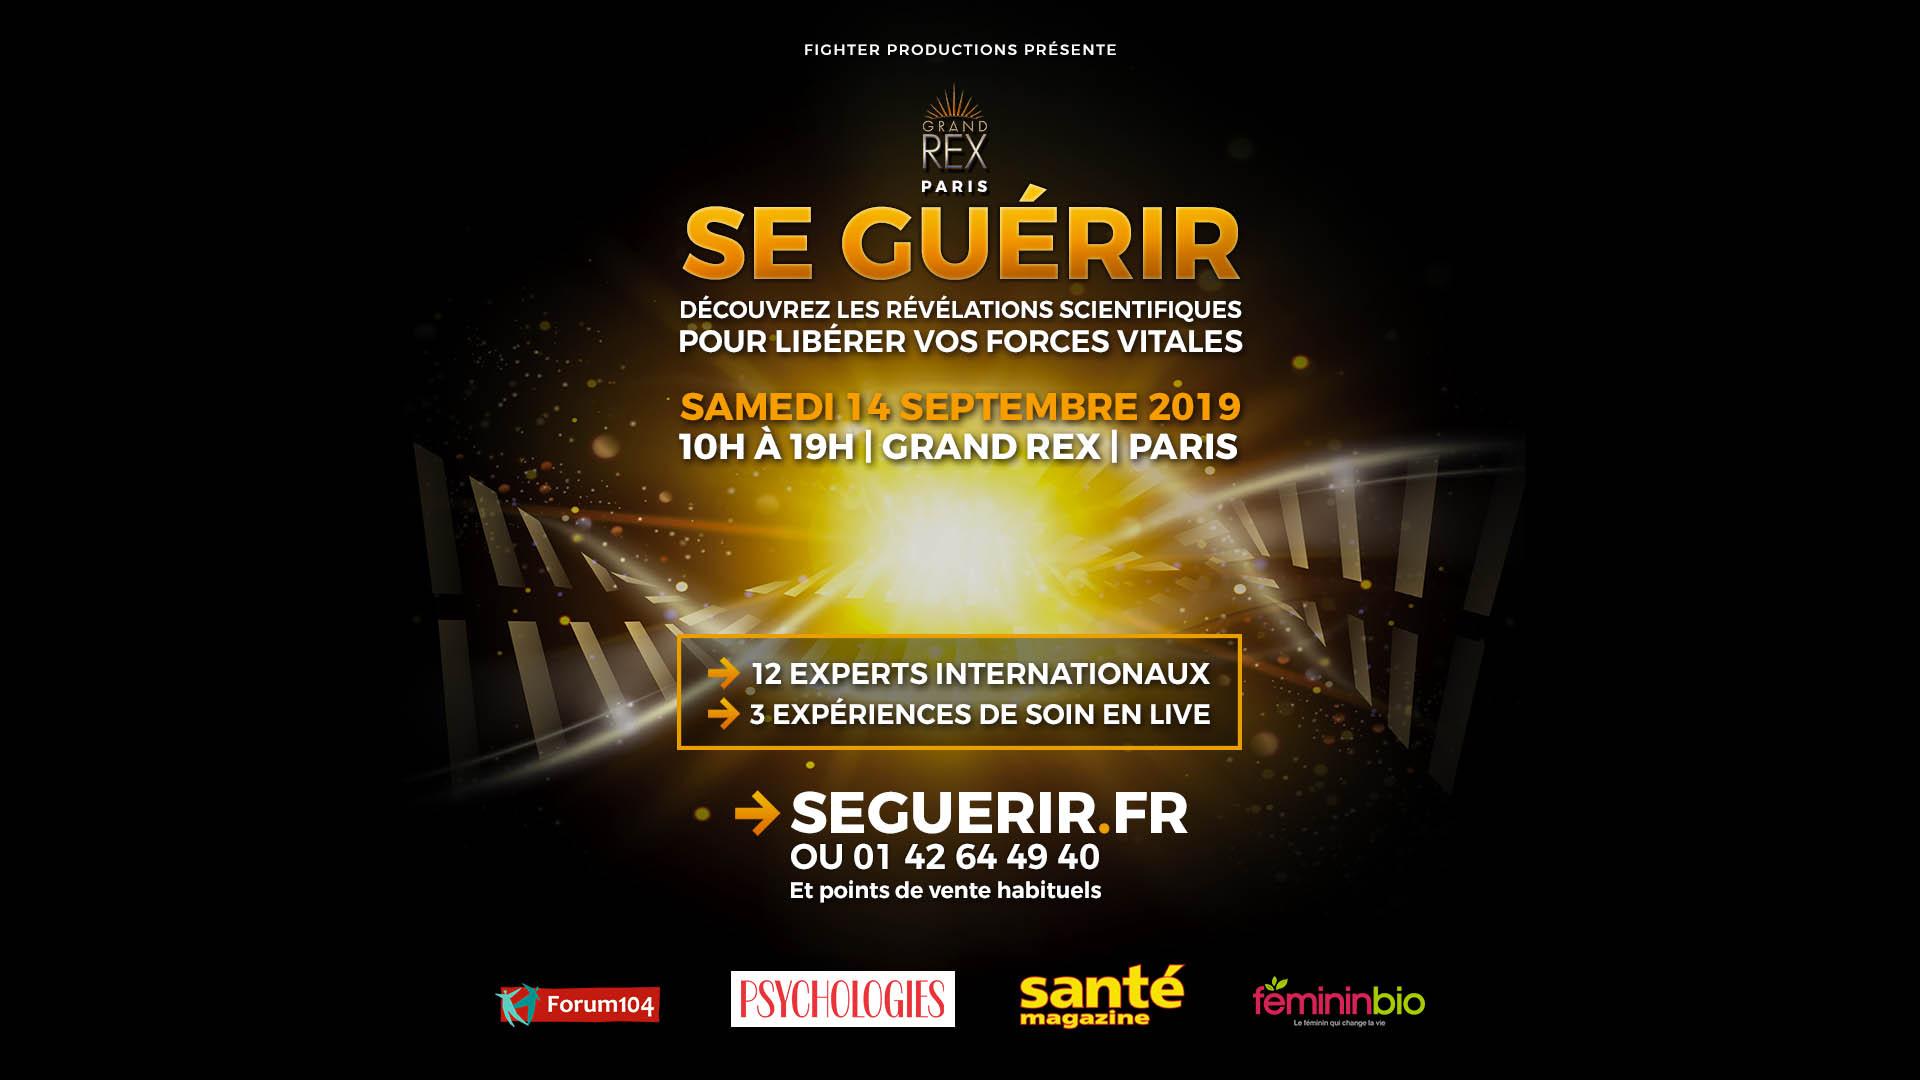 Le RDV Santé incontournable de la rentrée au Grand Rex de Paris (14 septembre)